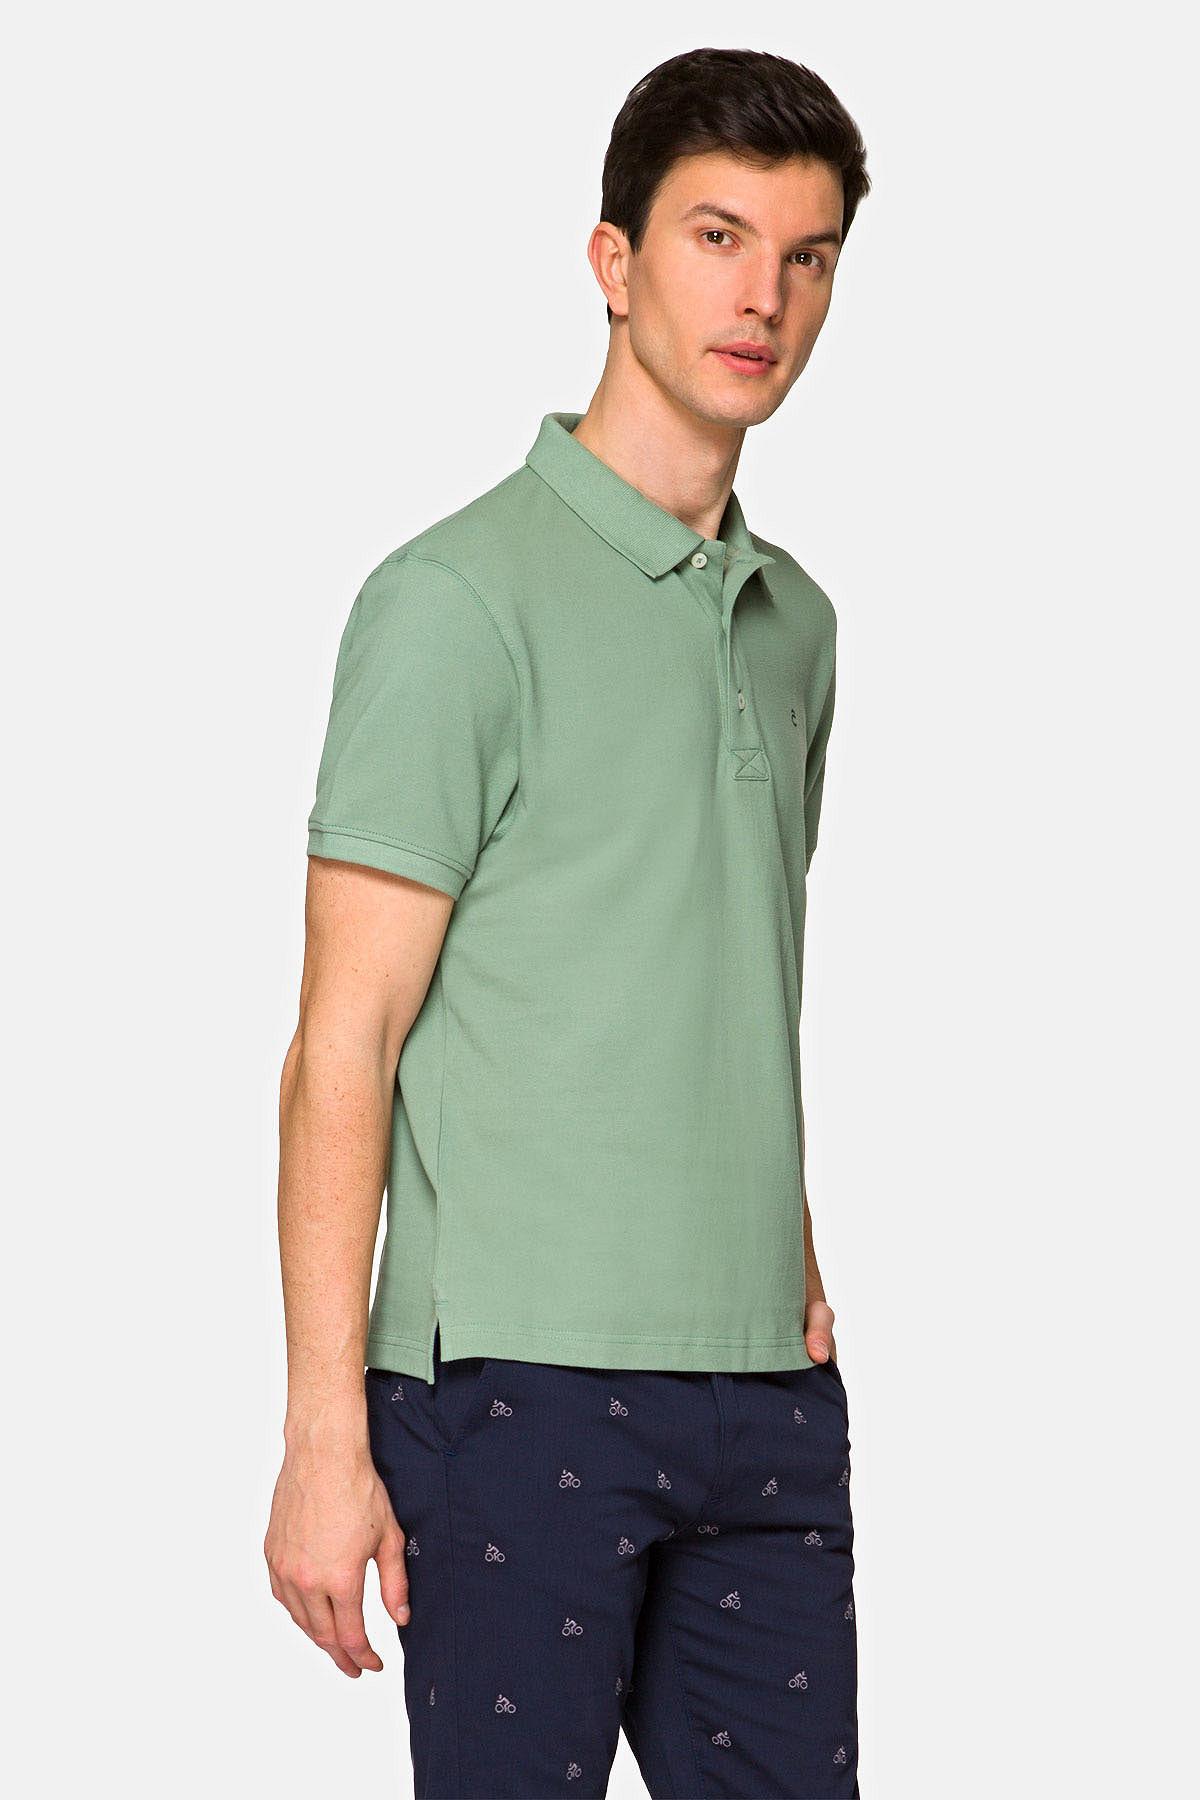 Koszulka Jasnozielona Polo Patrick rozmiar 2XL; L; M; XL